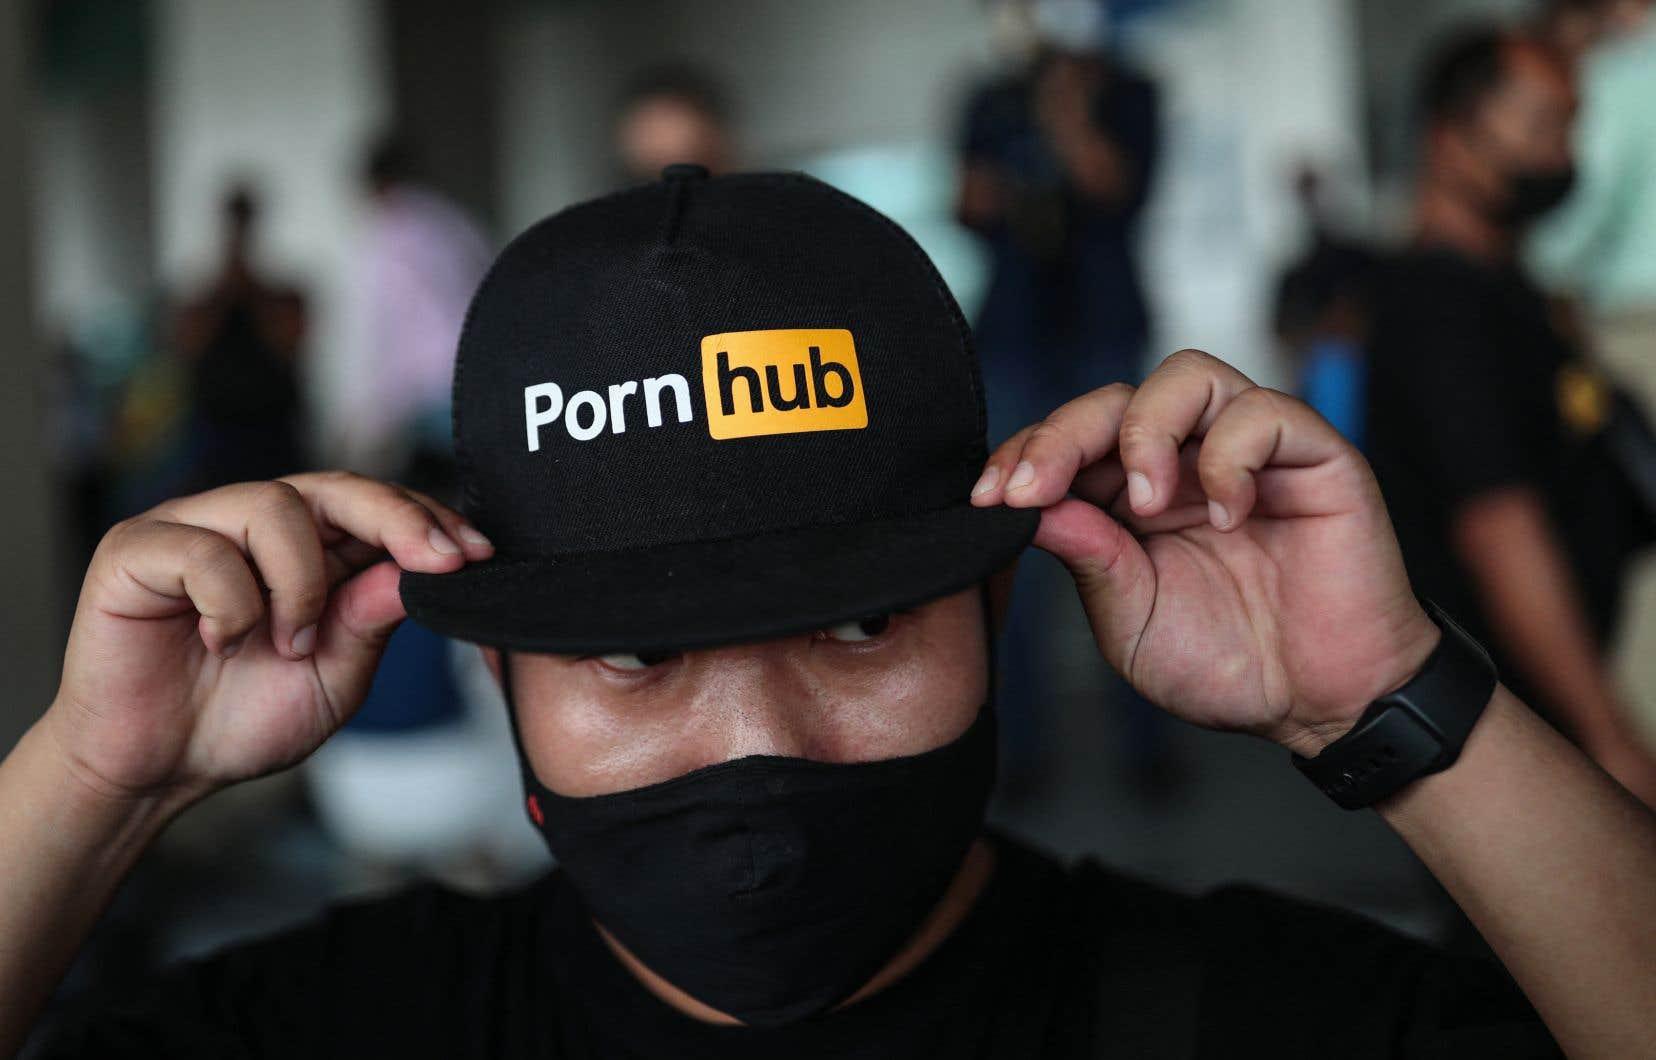 De décembre à janvier, le nombre de visites mensuelles sur Pornhub a chuté de 21%, passant de 3,2milliards à 2,5milliards.